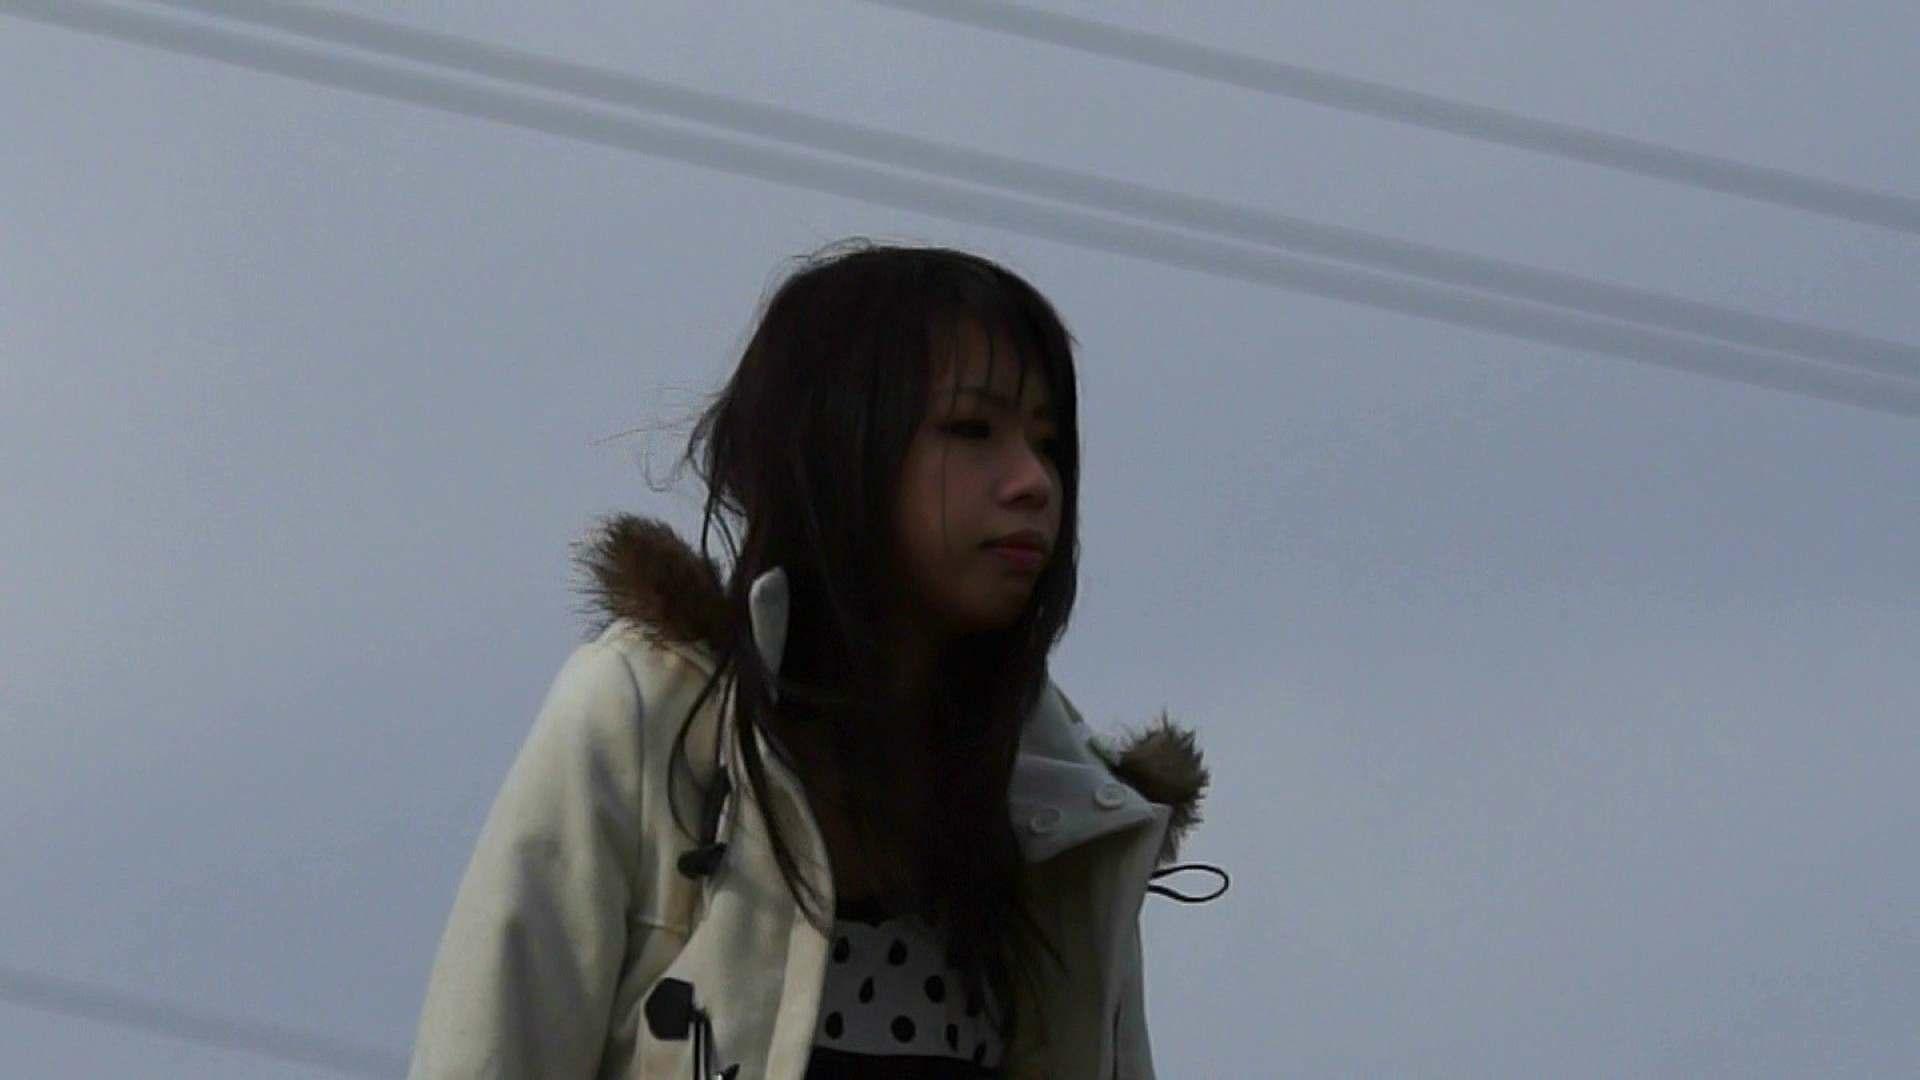 vol.2 自宅近く思い出の地で黄昏る志穂さん お姉さん攻略  83画像 54